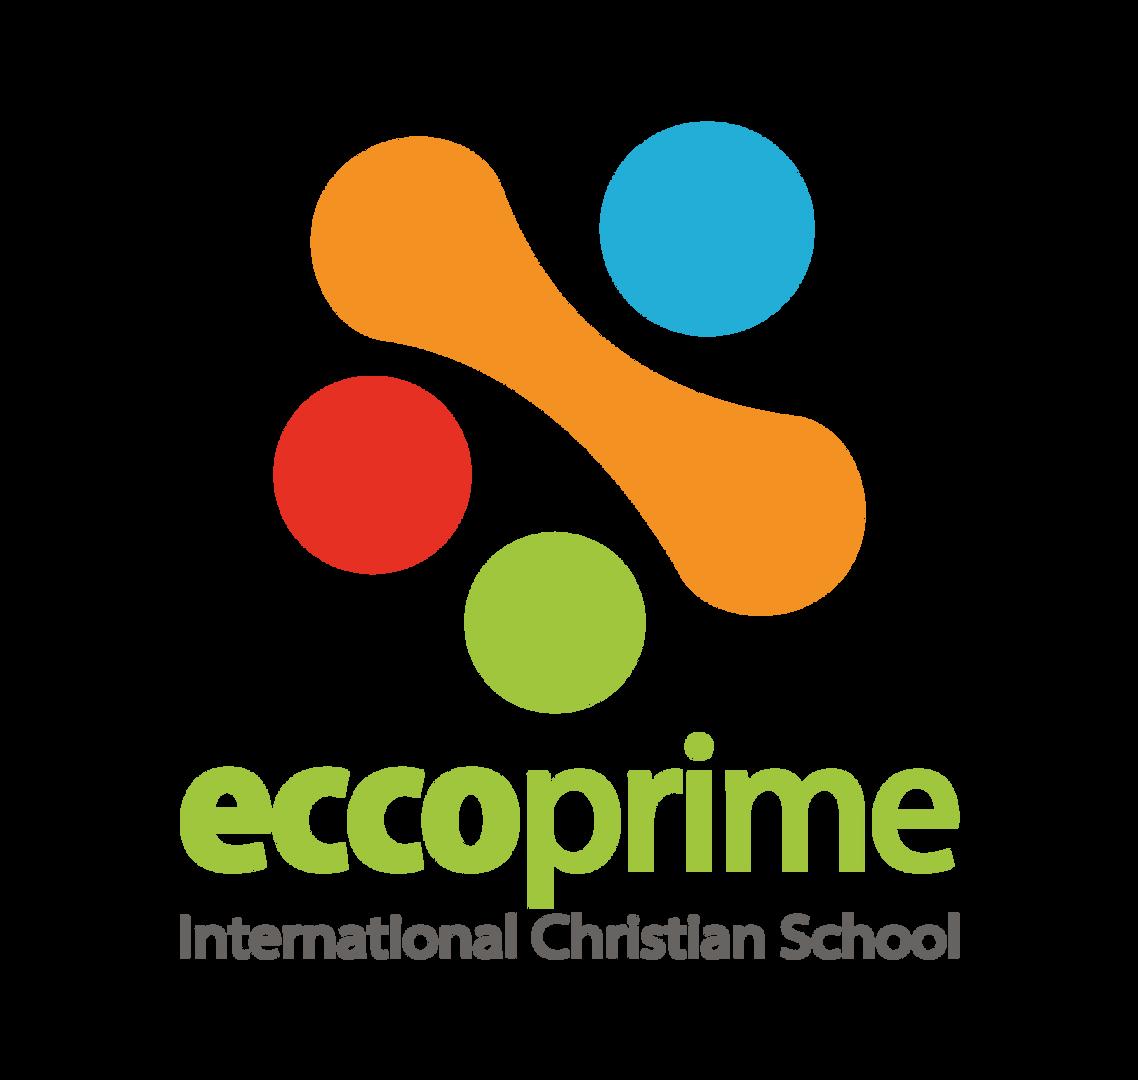 Logo Eccoprime verticalizada.png